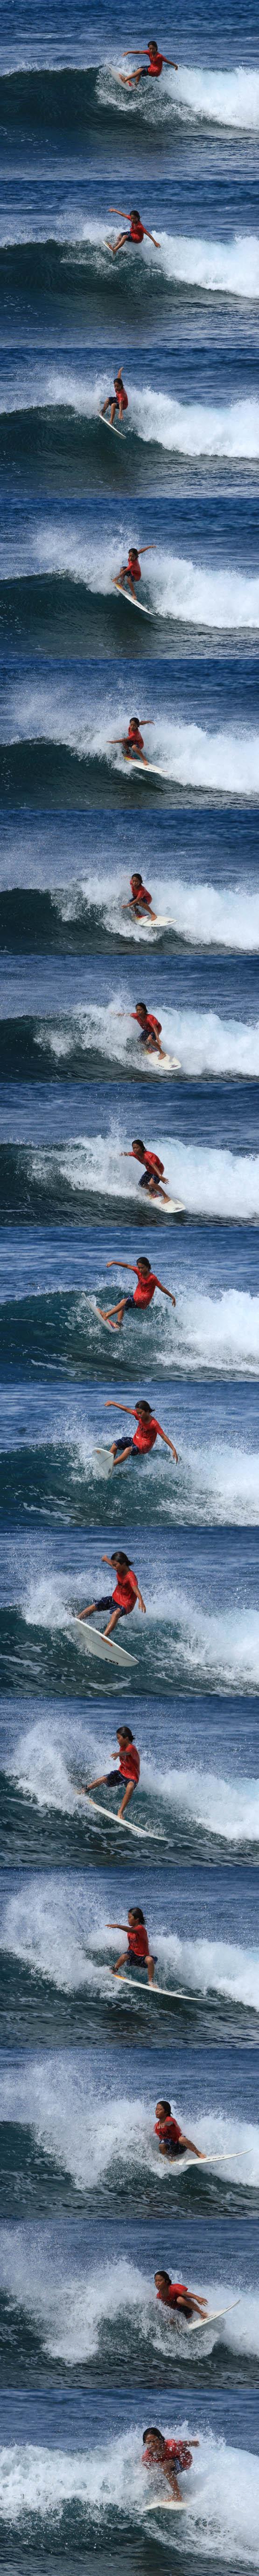 2010_NH_Surfing_Noah sq_0T0476